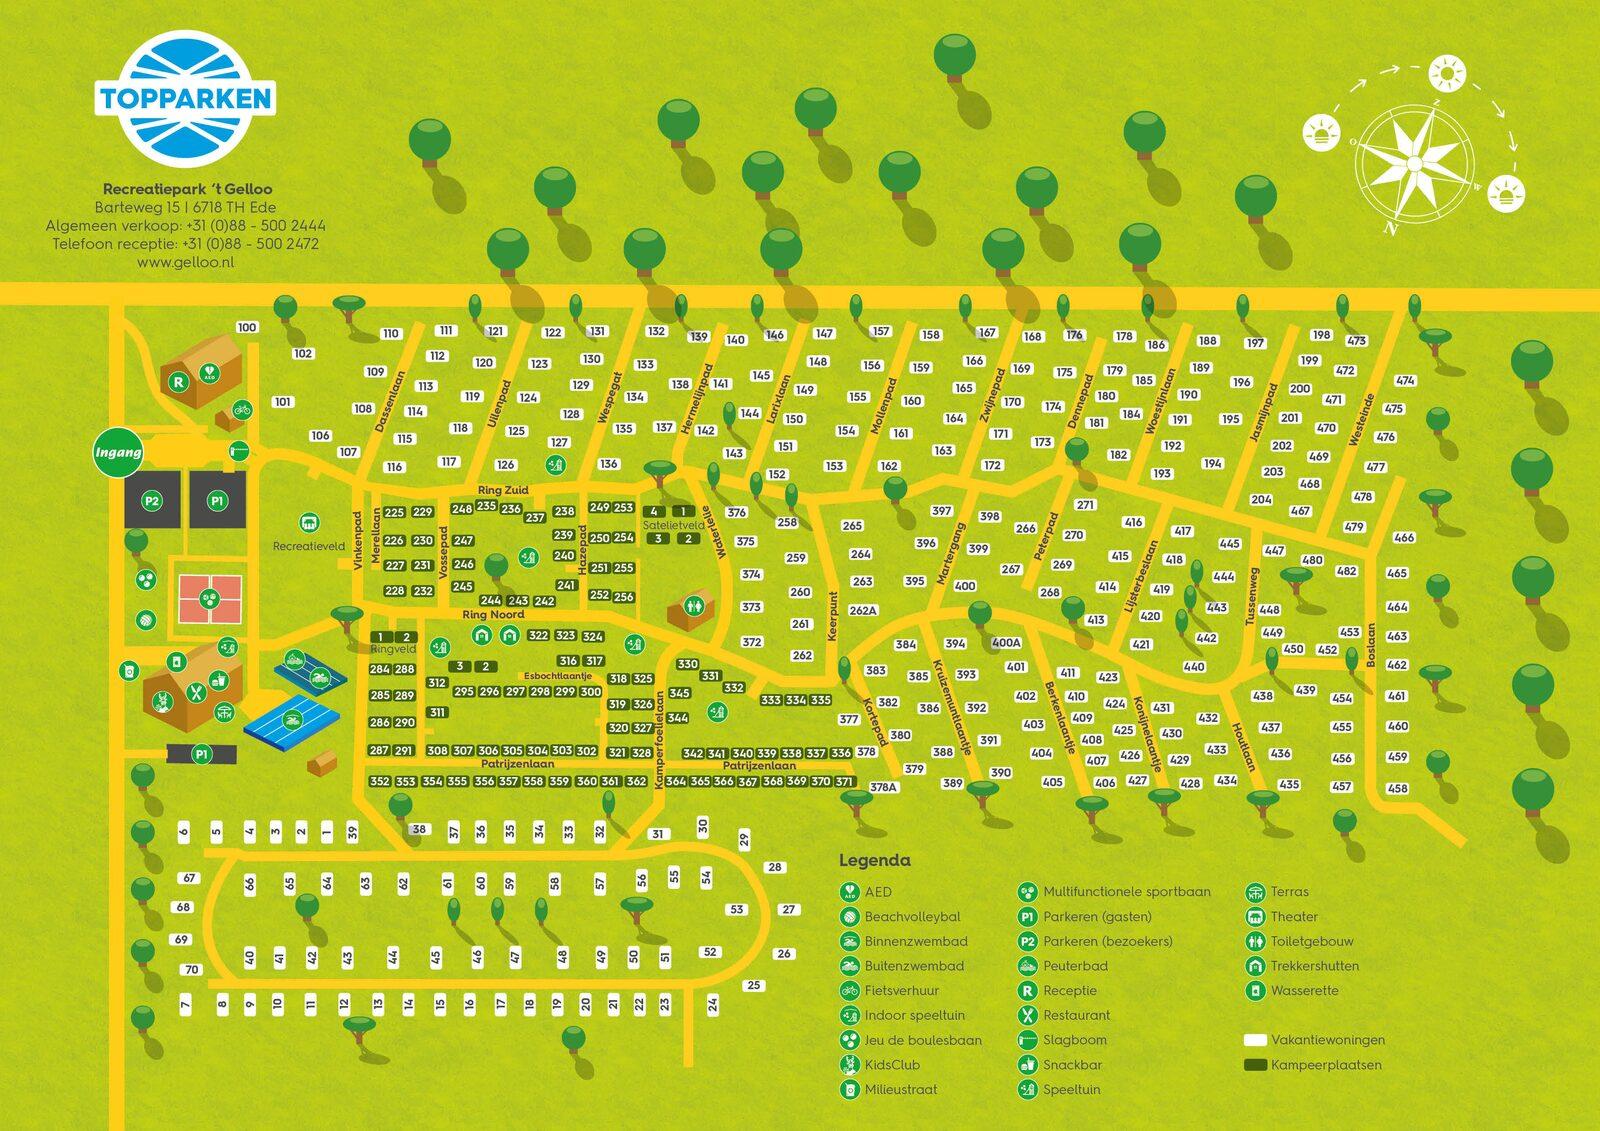 Karte vom Ferienpark 't Gelloo